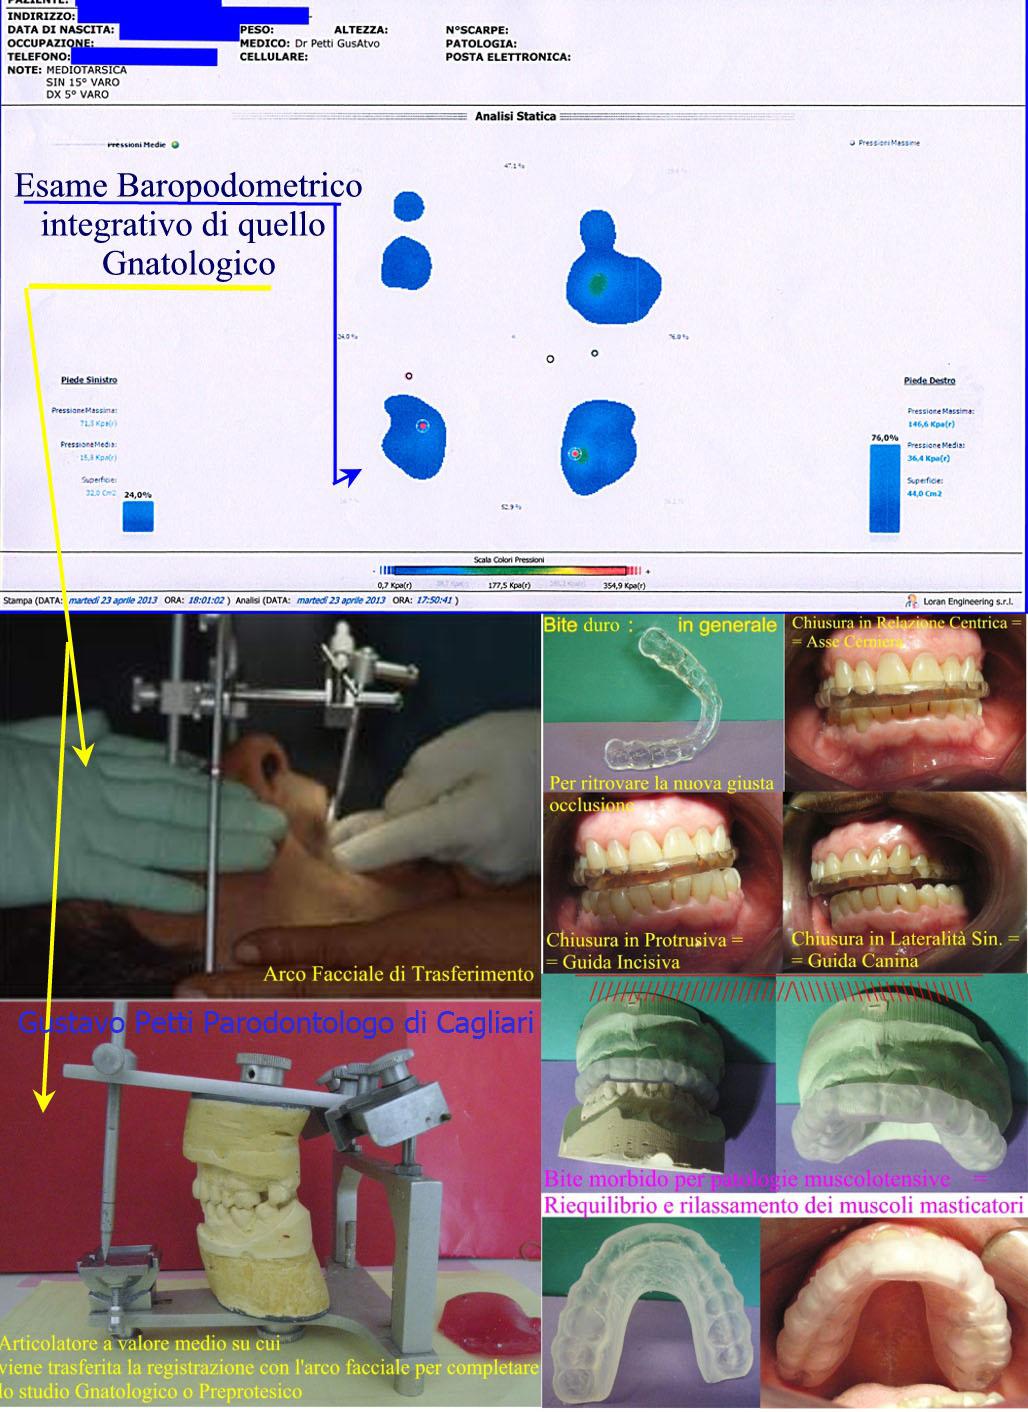 analisi-gnatologica-dr-g.petti-cagliari-1212.jpg